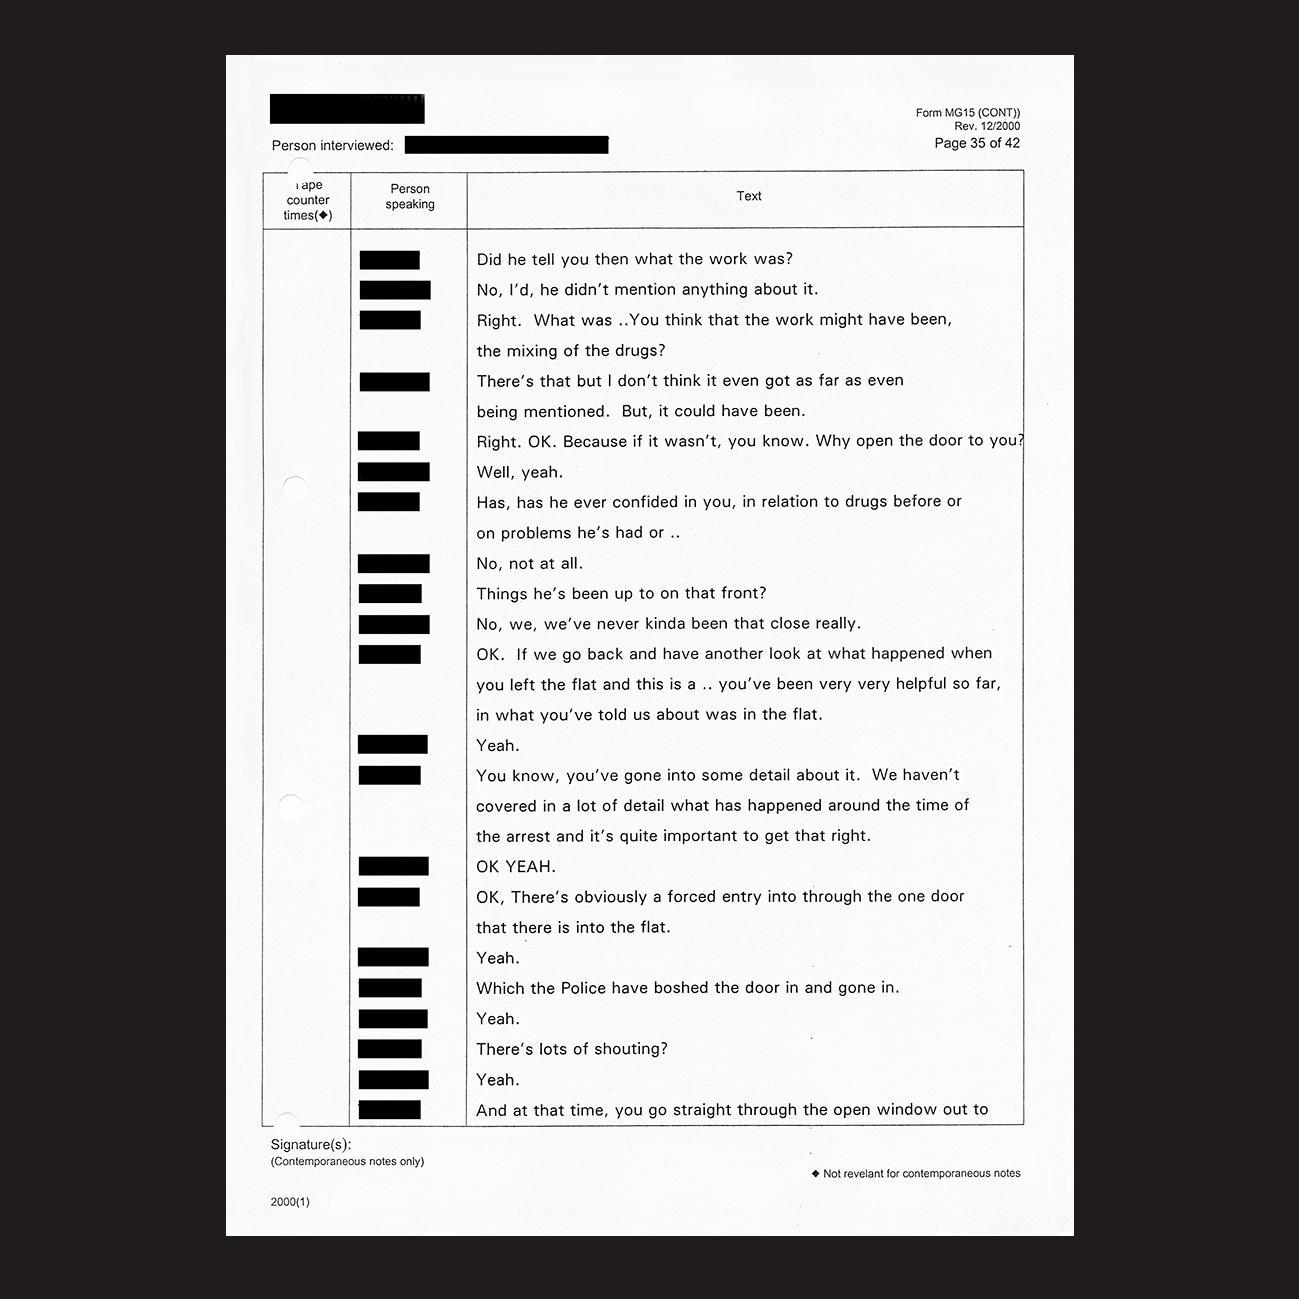 JM Bail 161 - Interview 23 - Door Boshed In.jpg